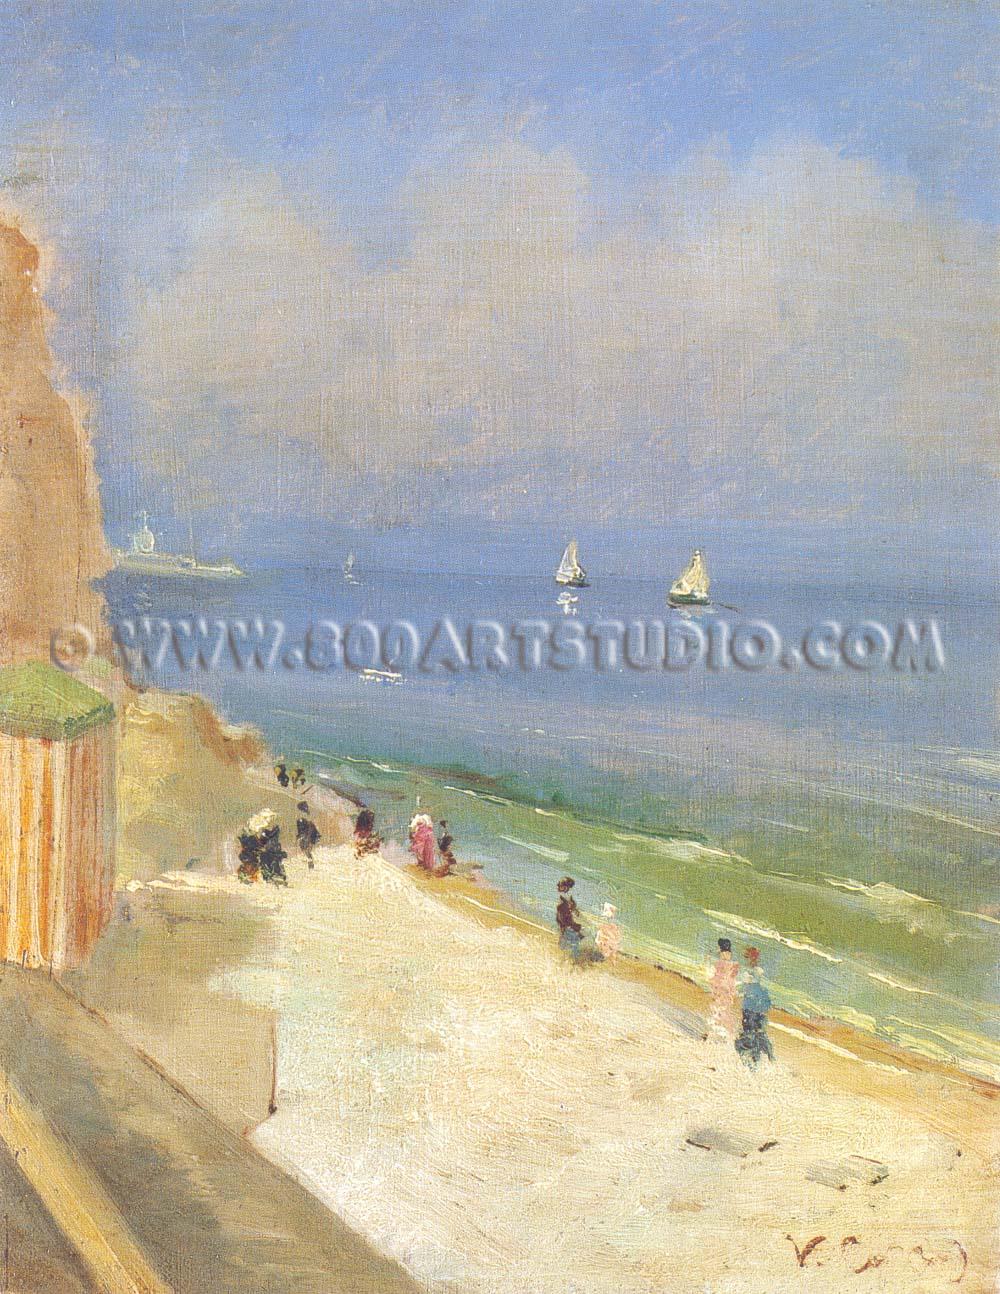 Vittorio Matteo Corcos - Spiaggia a Biarritz